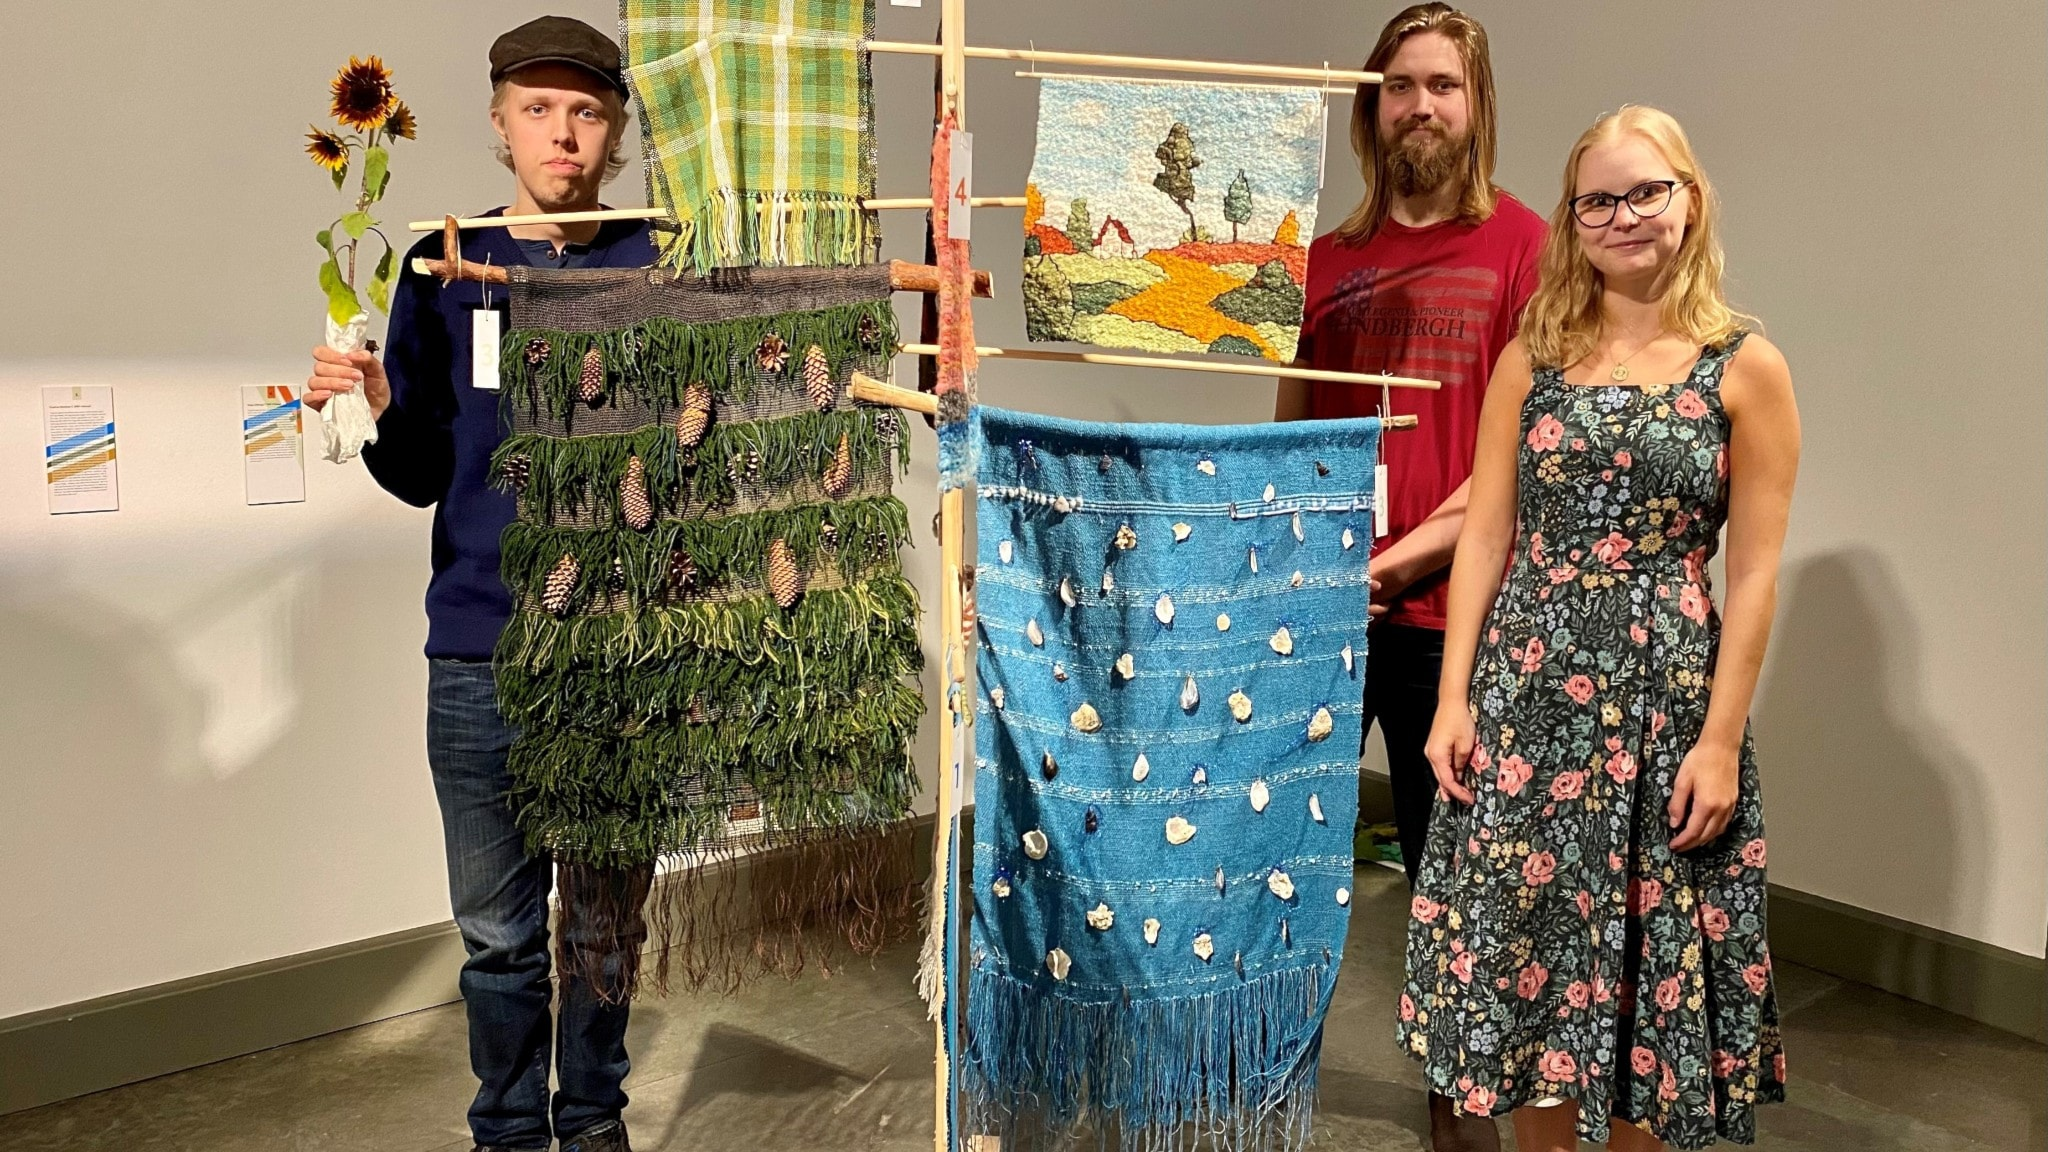 Tre personer står bredvid sina vävda klädesplagg och konstverk.